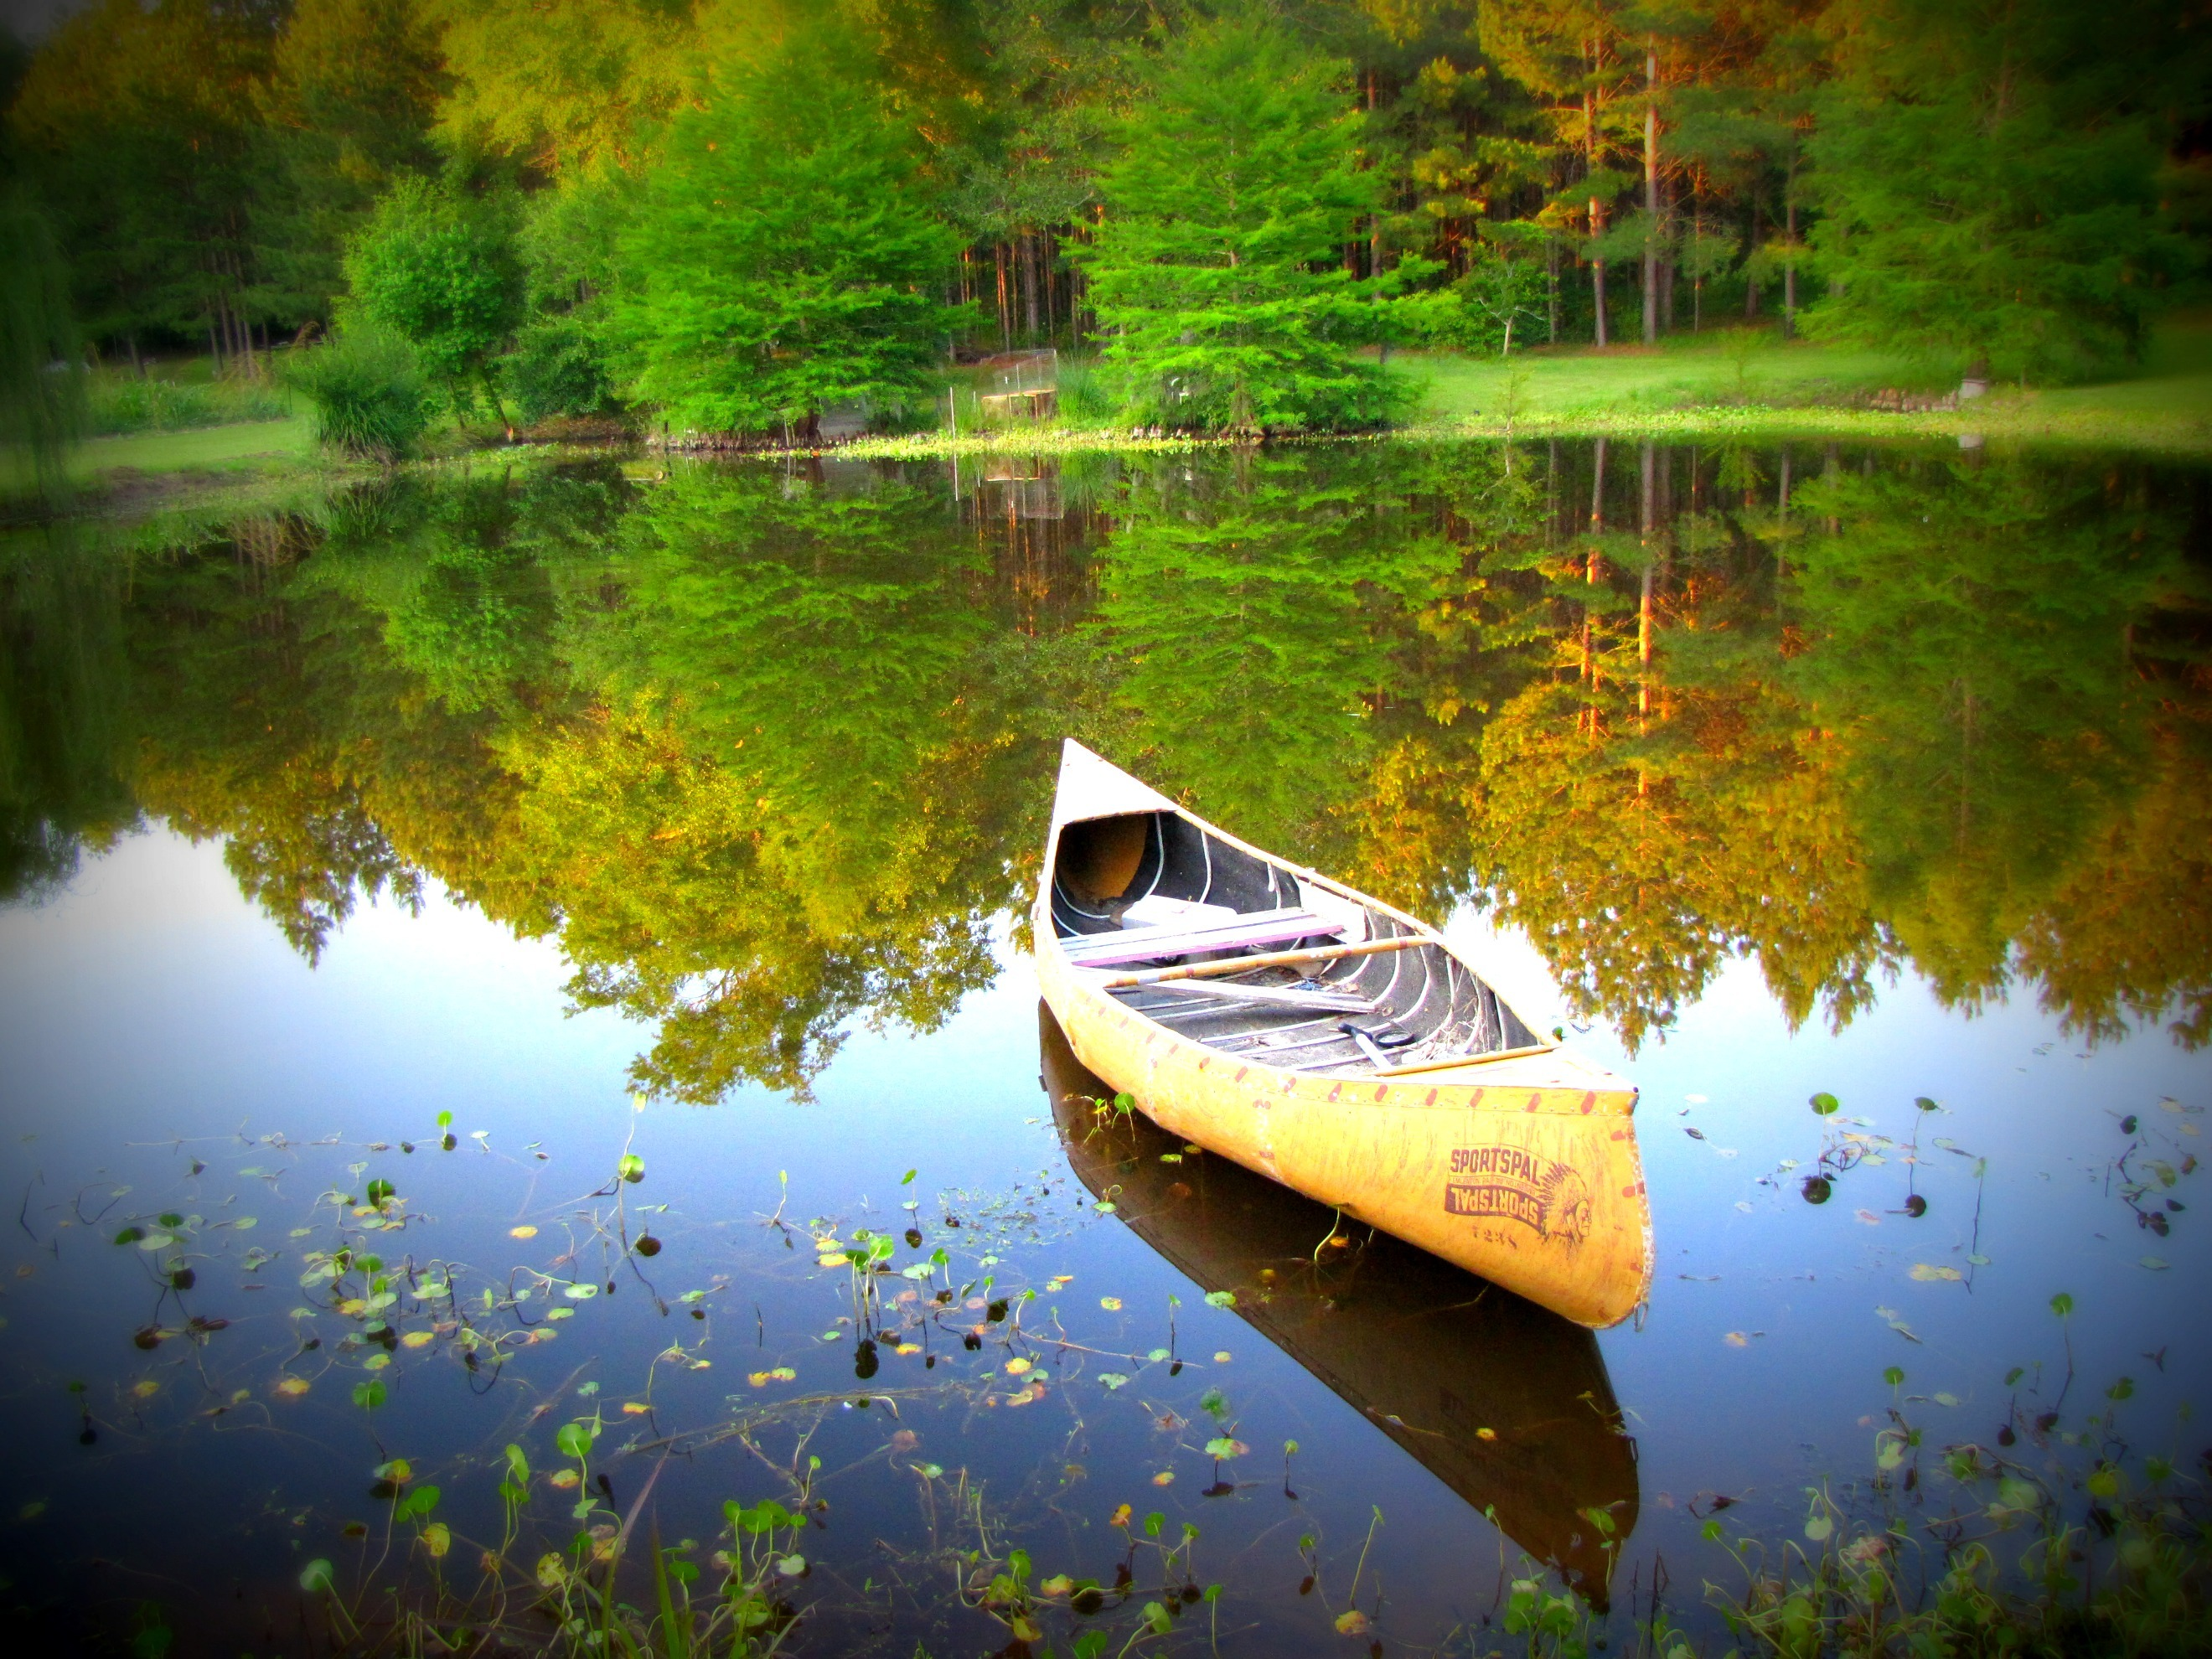 canoe_water_nature